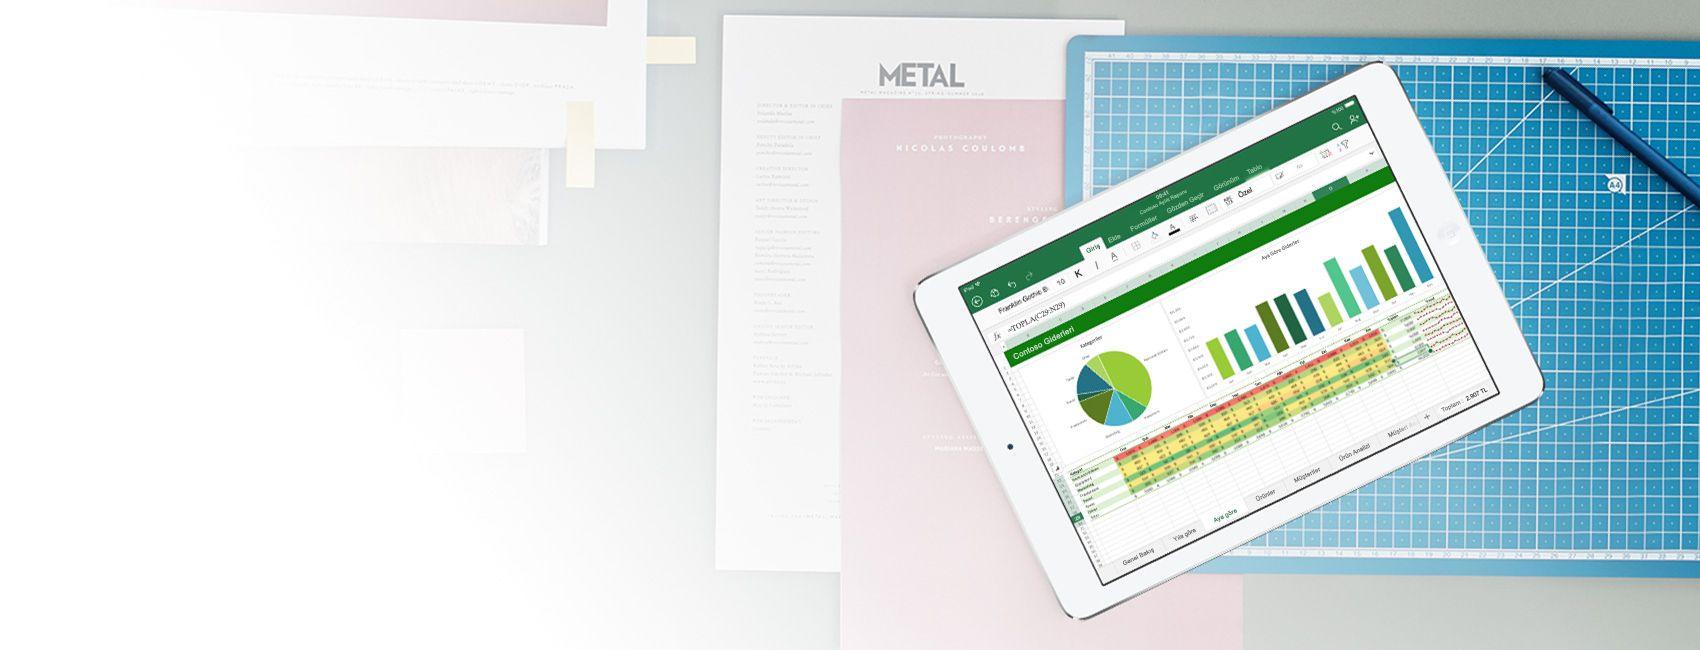 iOS için Excel uygulamasında bir Excel elektronik tablosu ve grafiği görüntülenen iPad